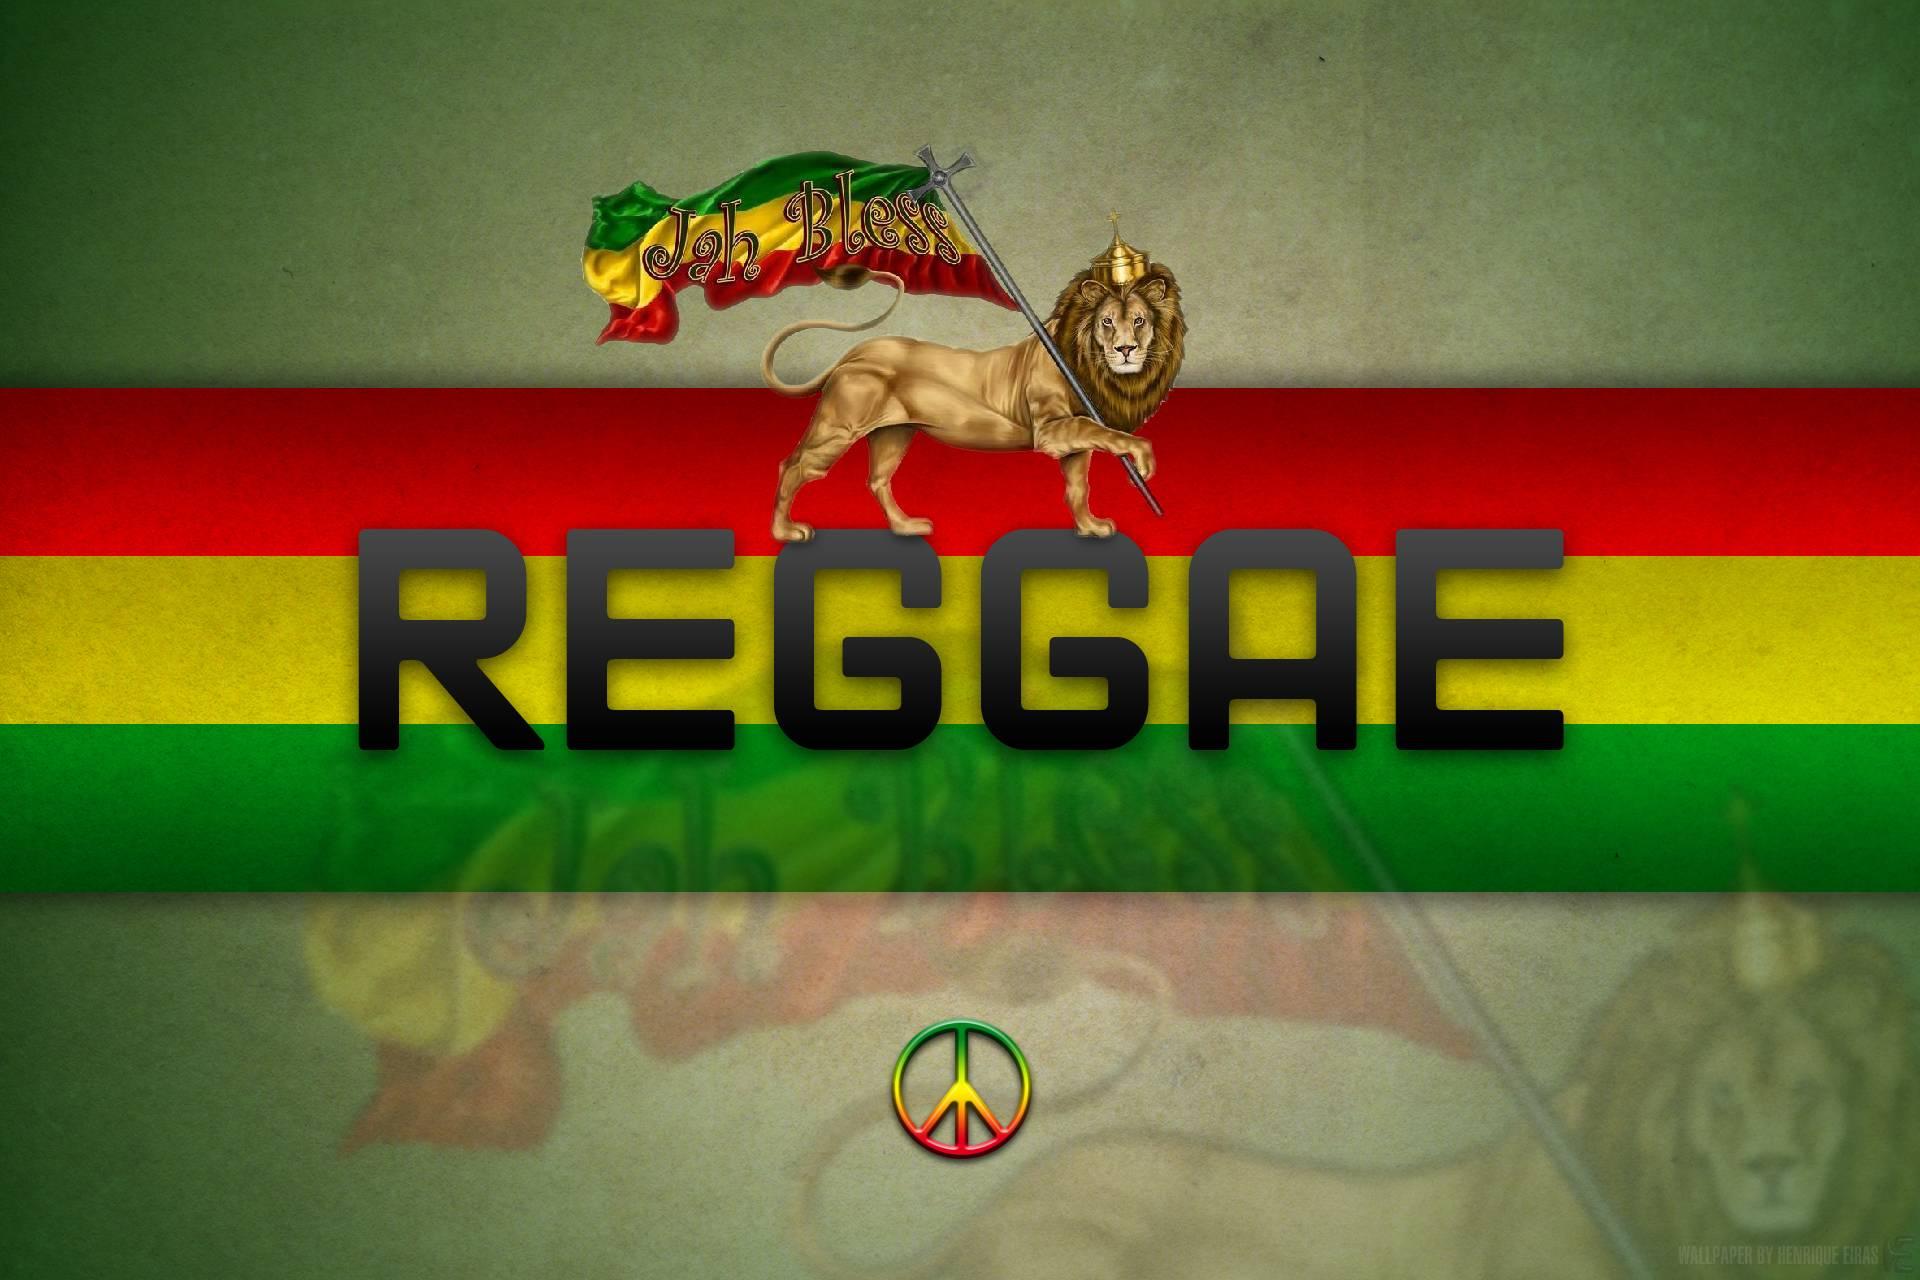 Reggae Wallpapers Wallpaper Cave Music Wallpaper Reggae